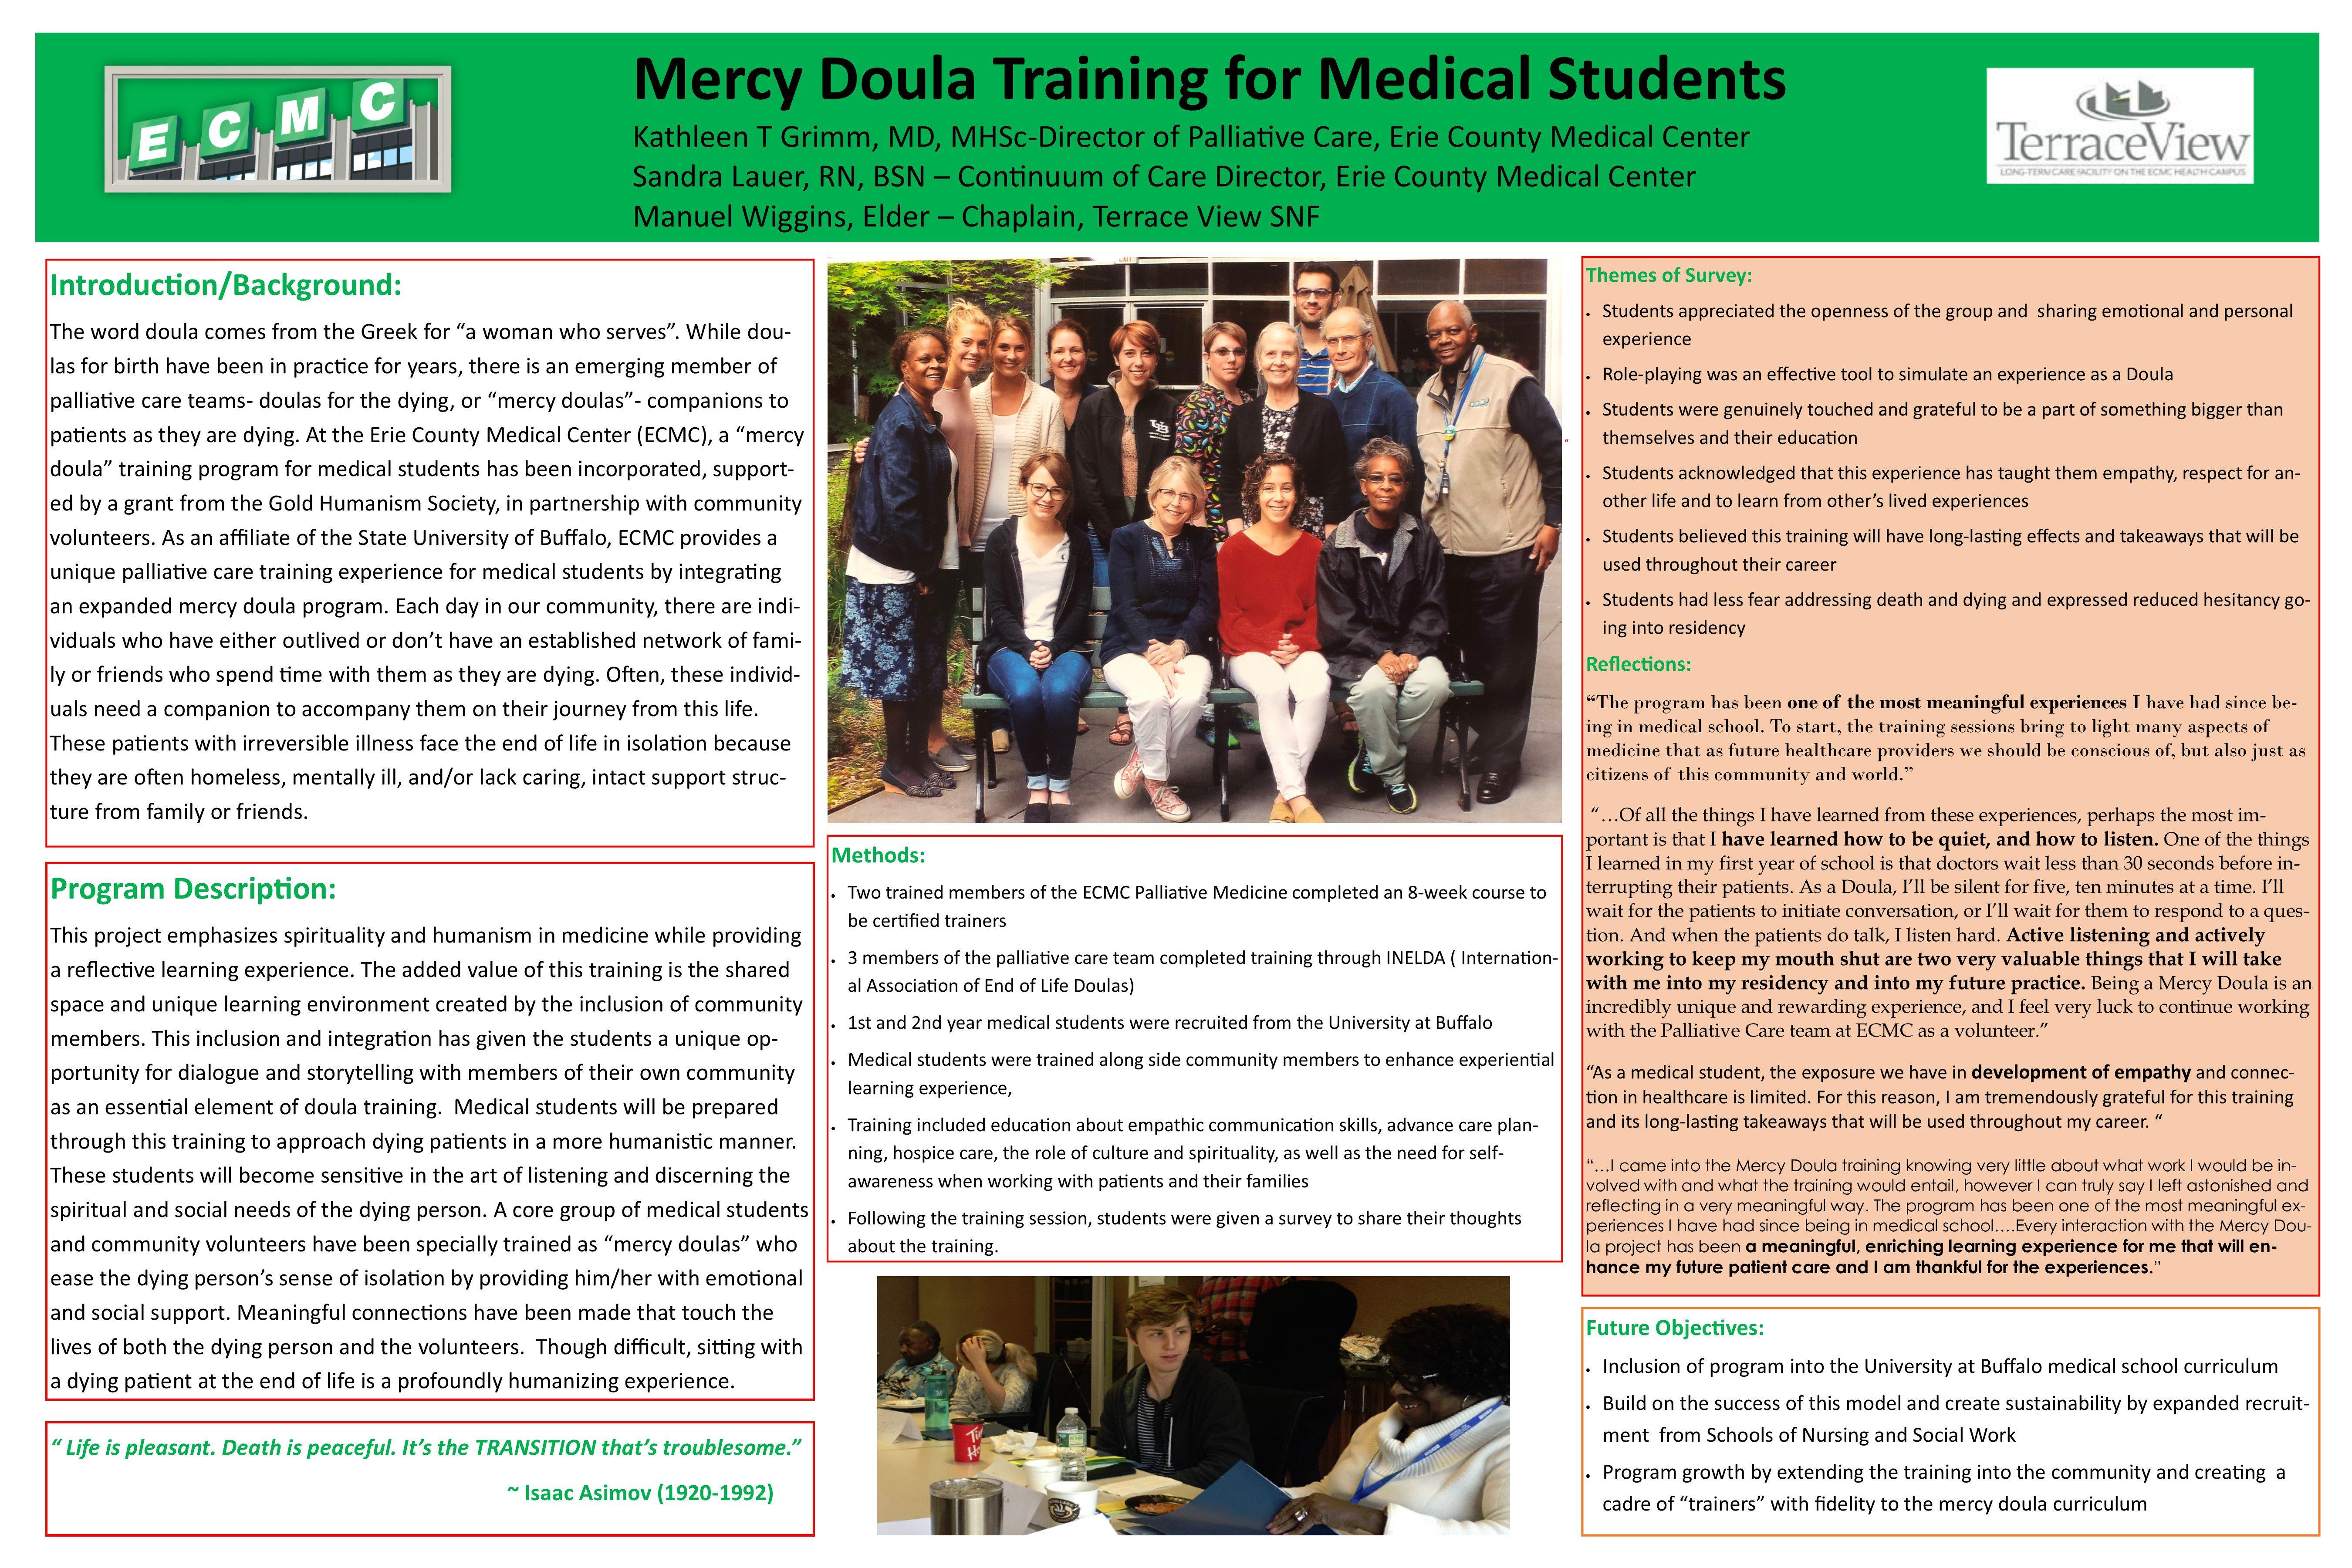 Erie County Medcial Center_MercyDoulaTraining_Grimm.K.jpg